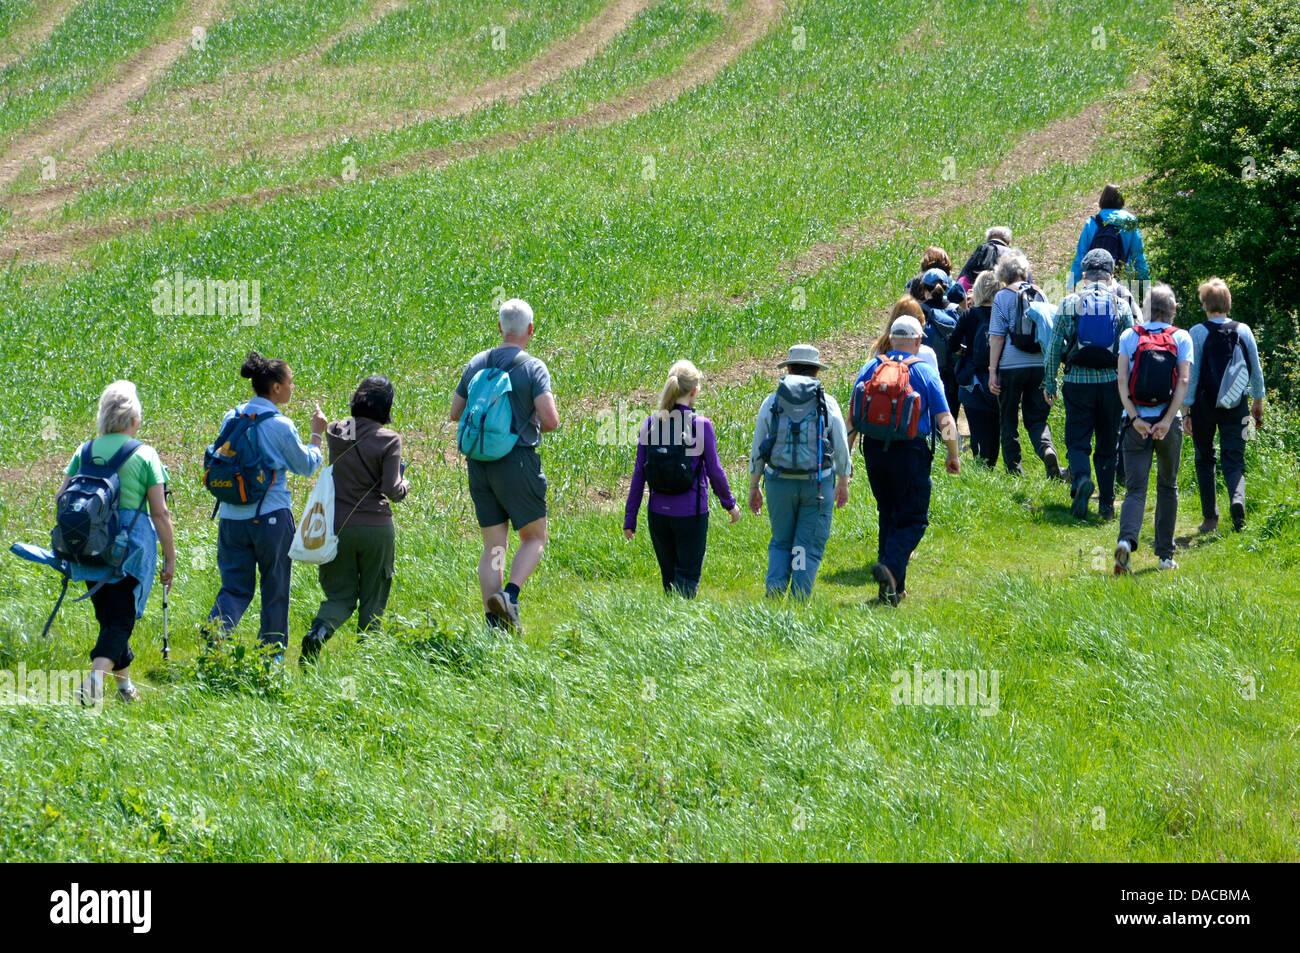 Walkers in large organised group on footpath beside farmland - Stock Image